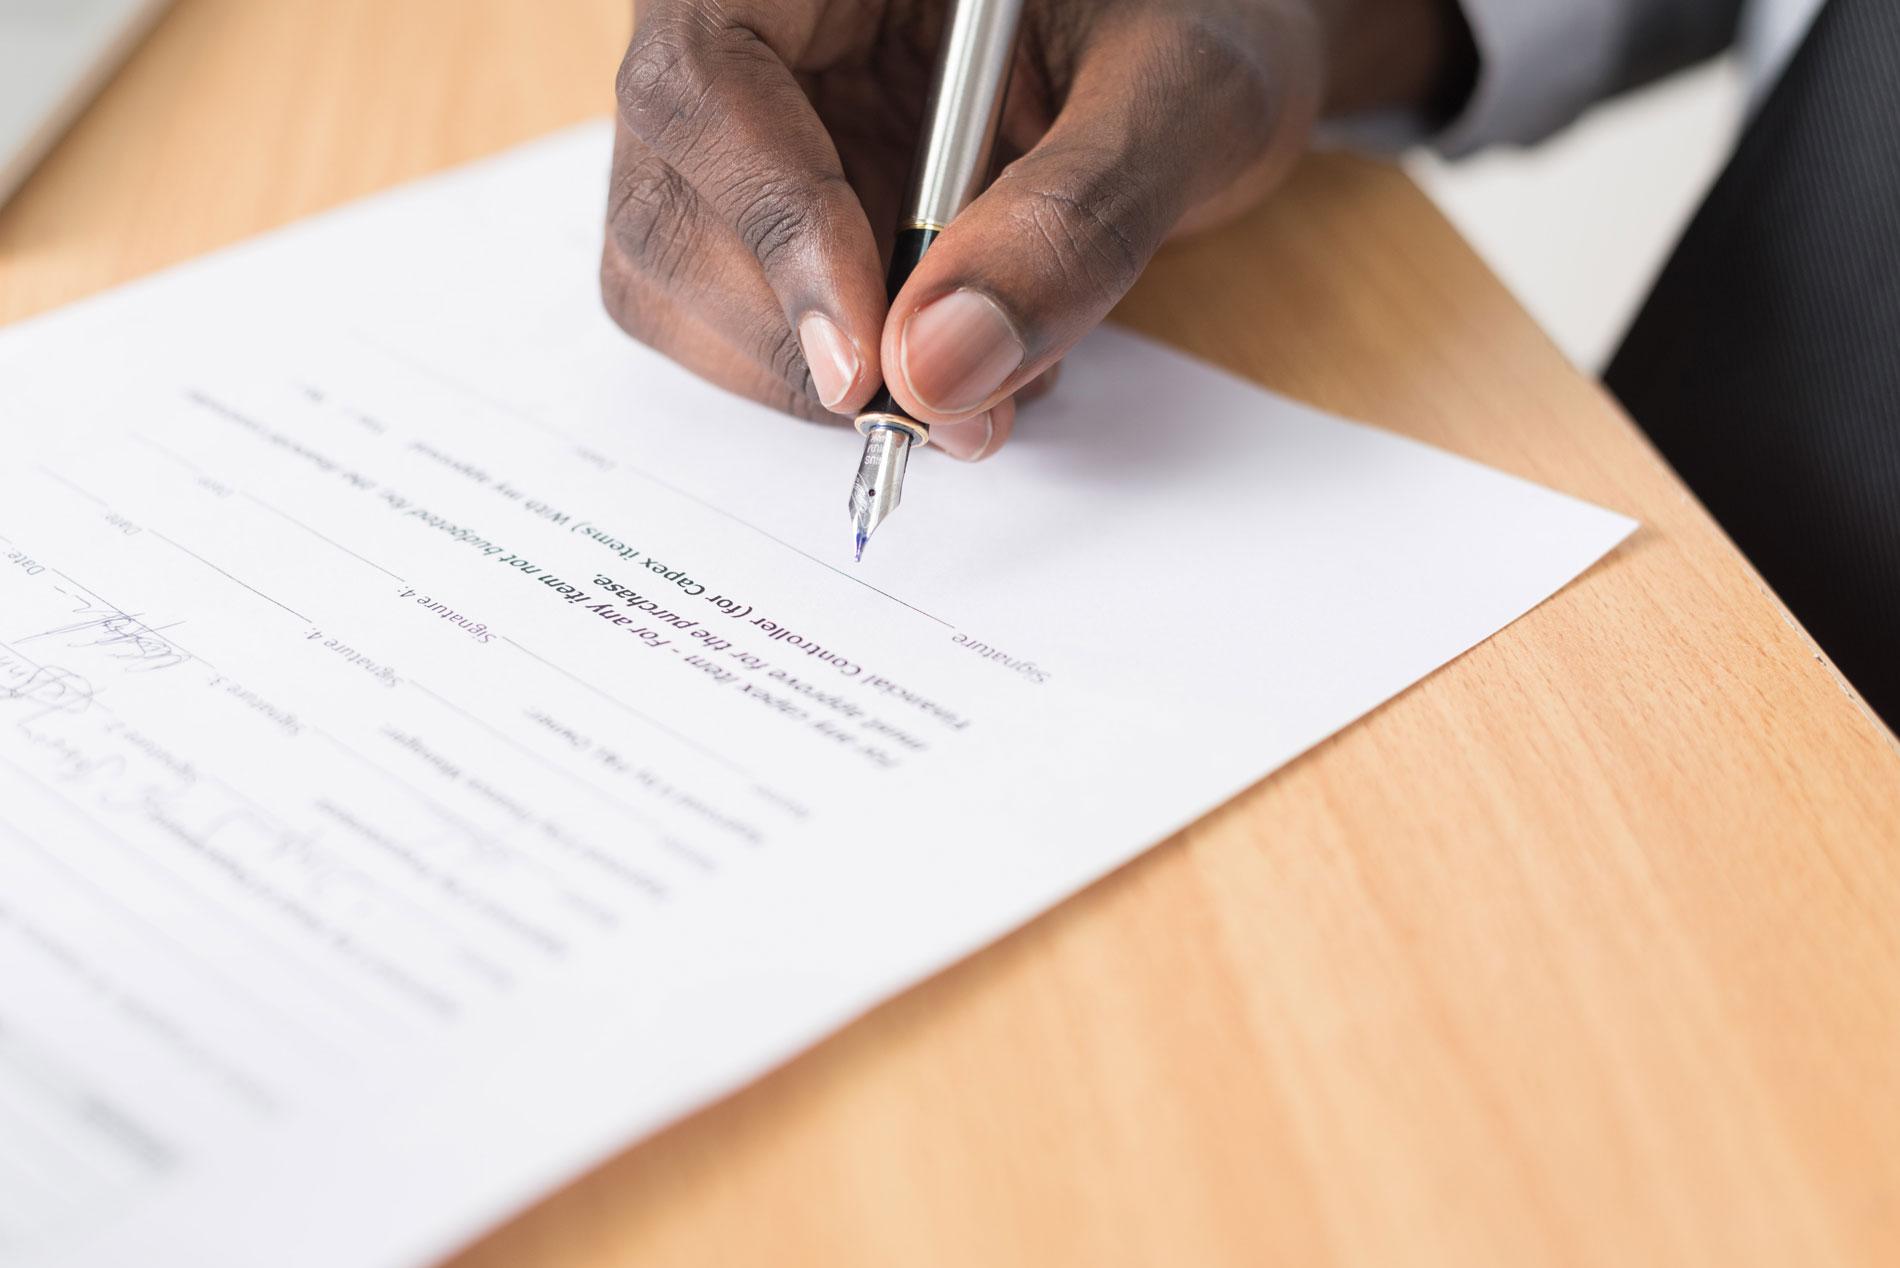 Rechte an Texten in Vertrag